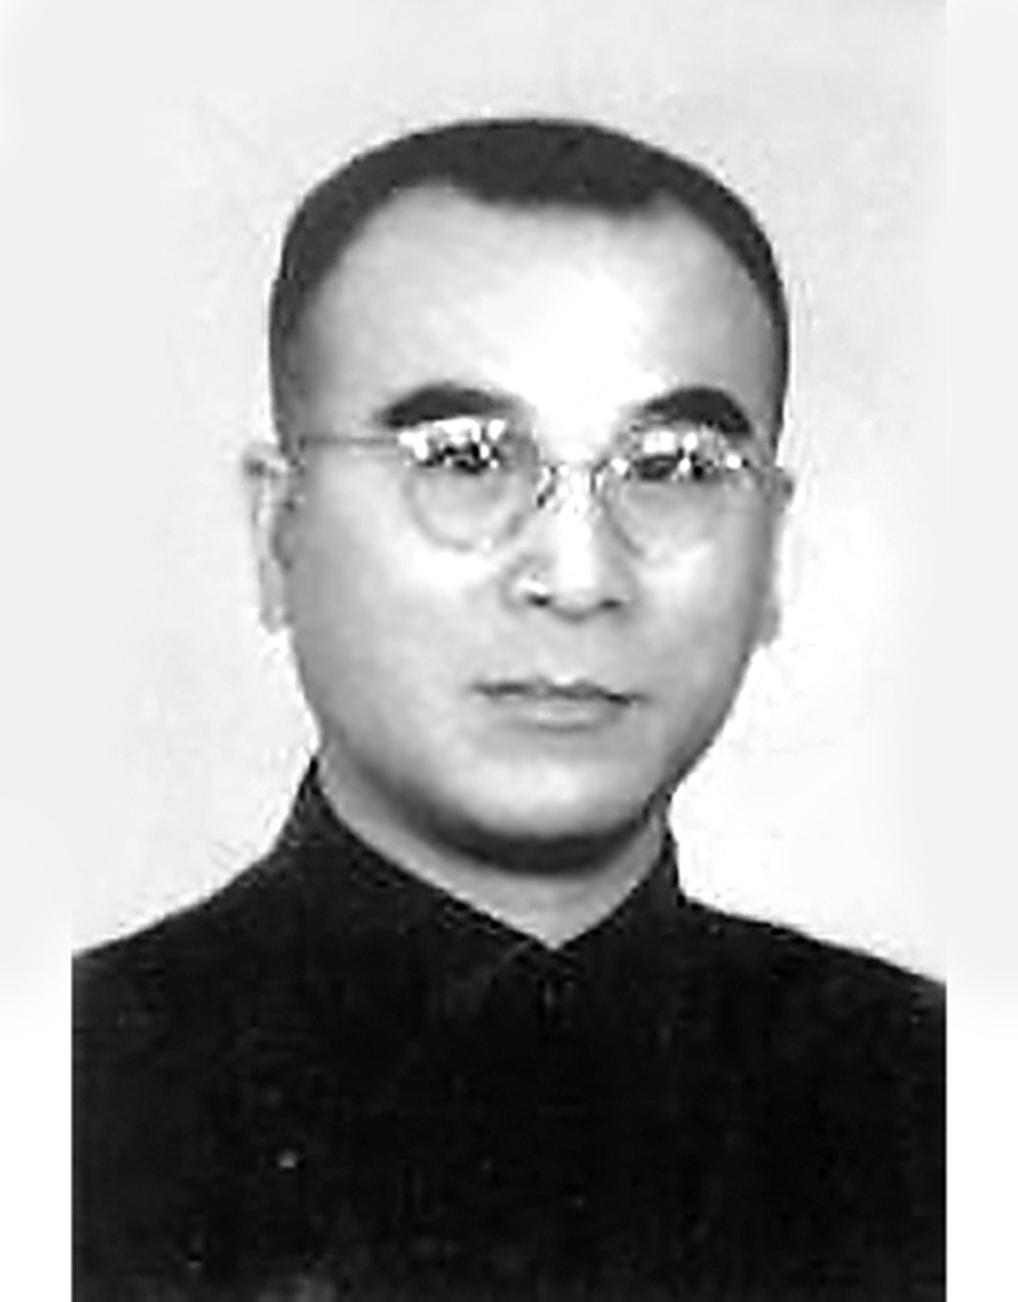 楊兆龍是中華民國時代最著名的法學家之一,曾經救過一萬多位中共黨員的命。但最終被中共整得家破人亡。(維基百科)